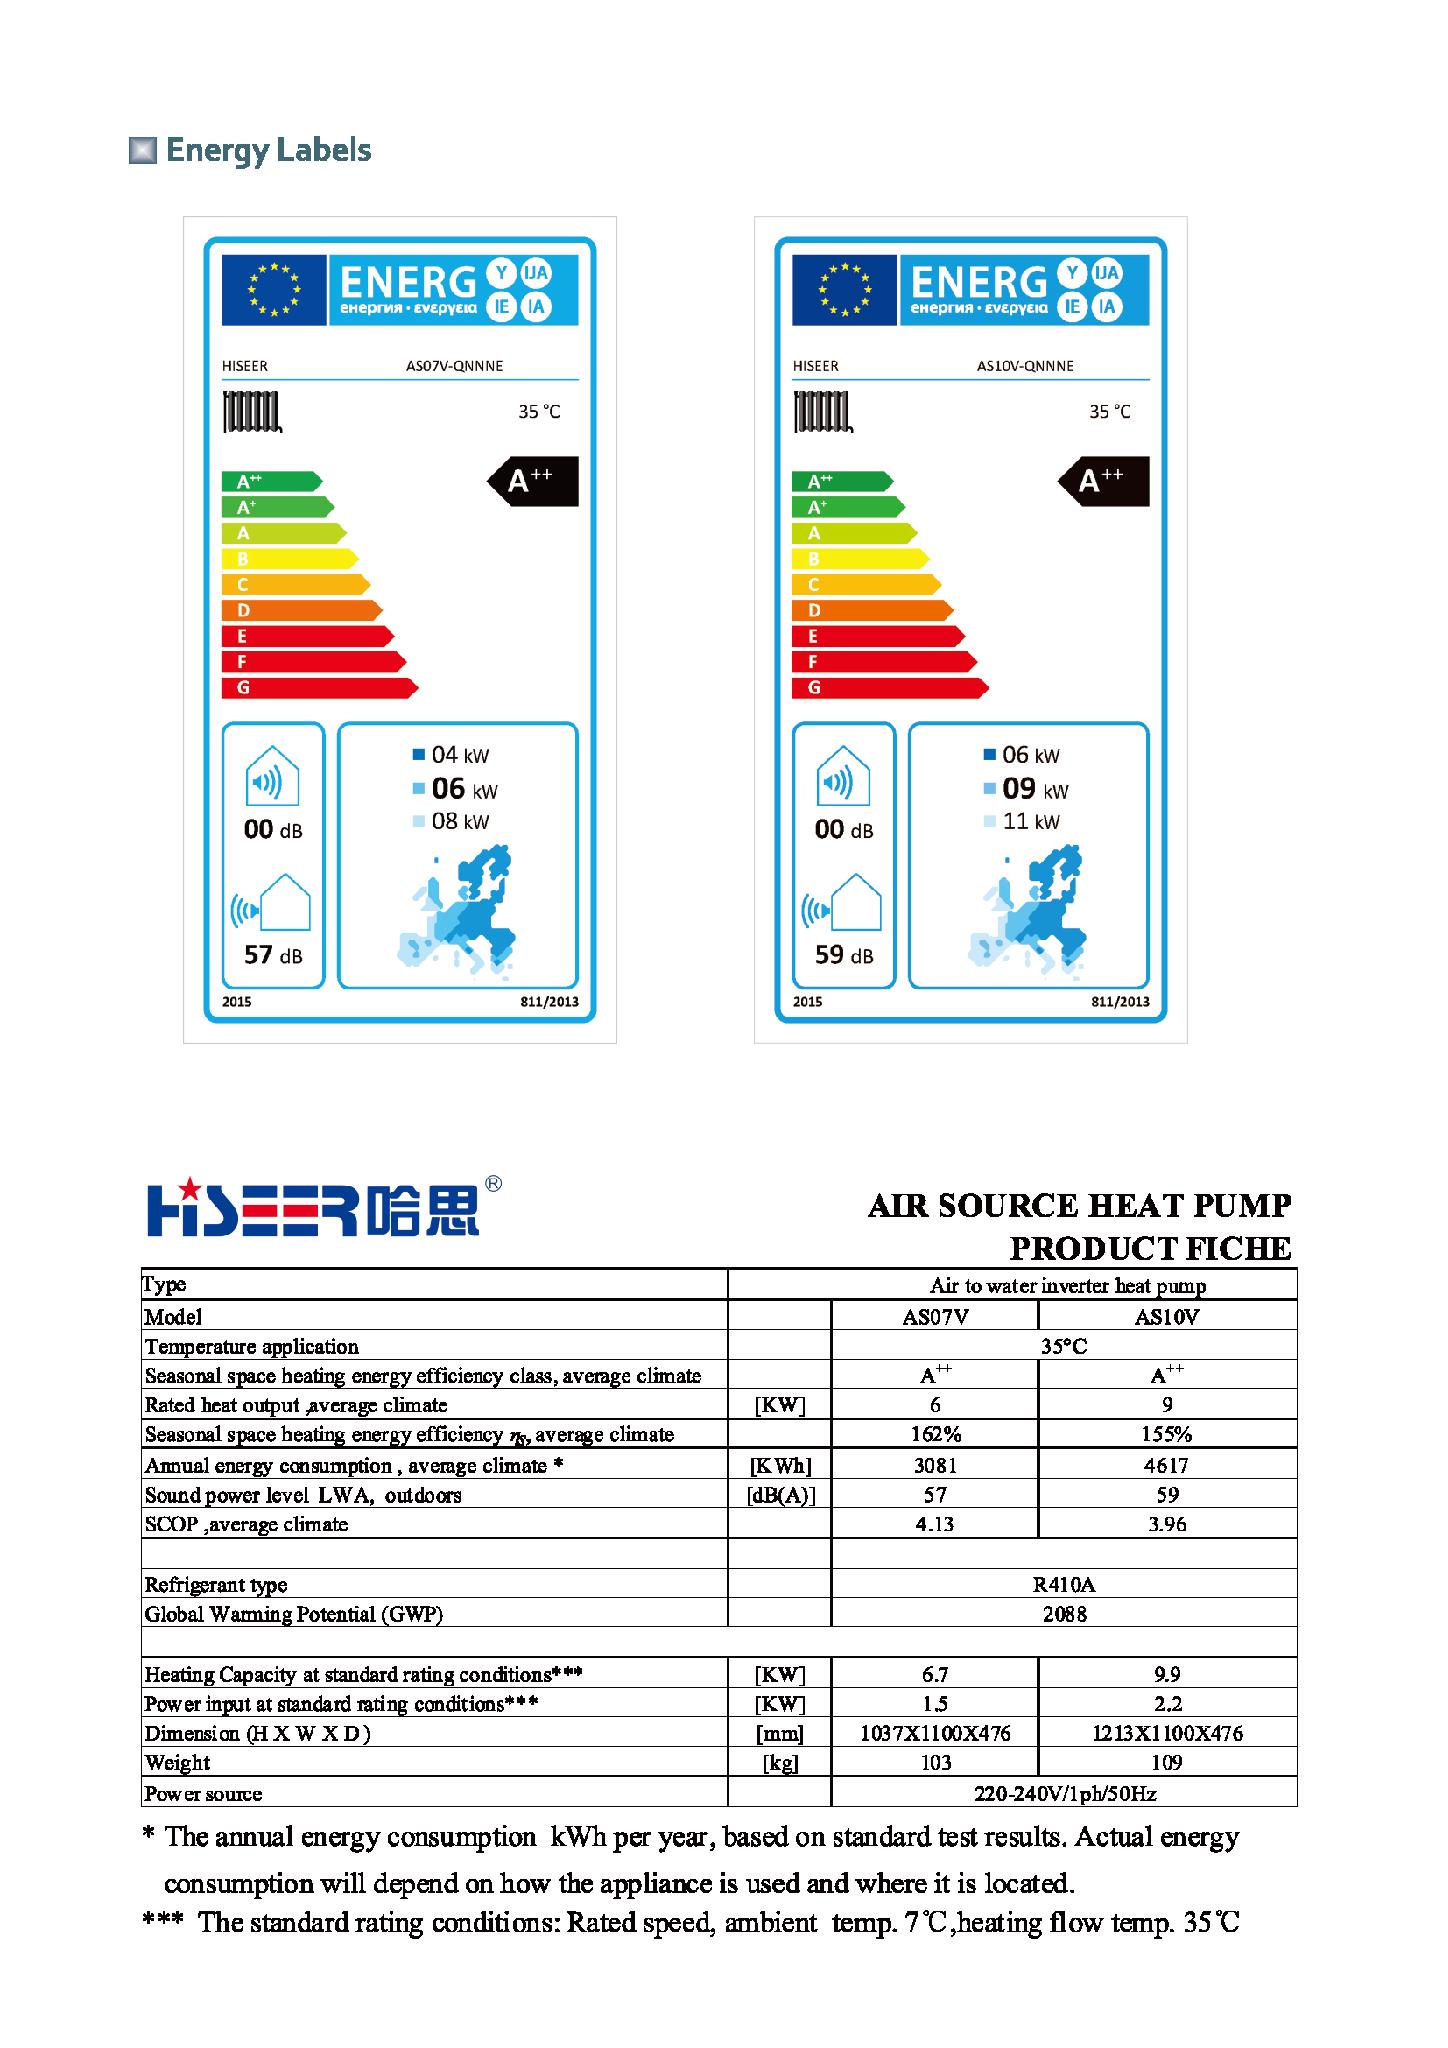 eco-design label